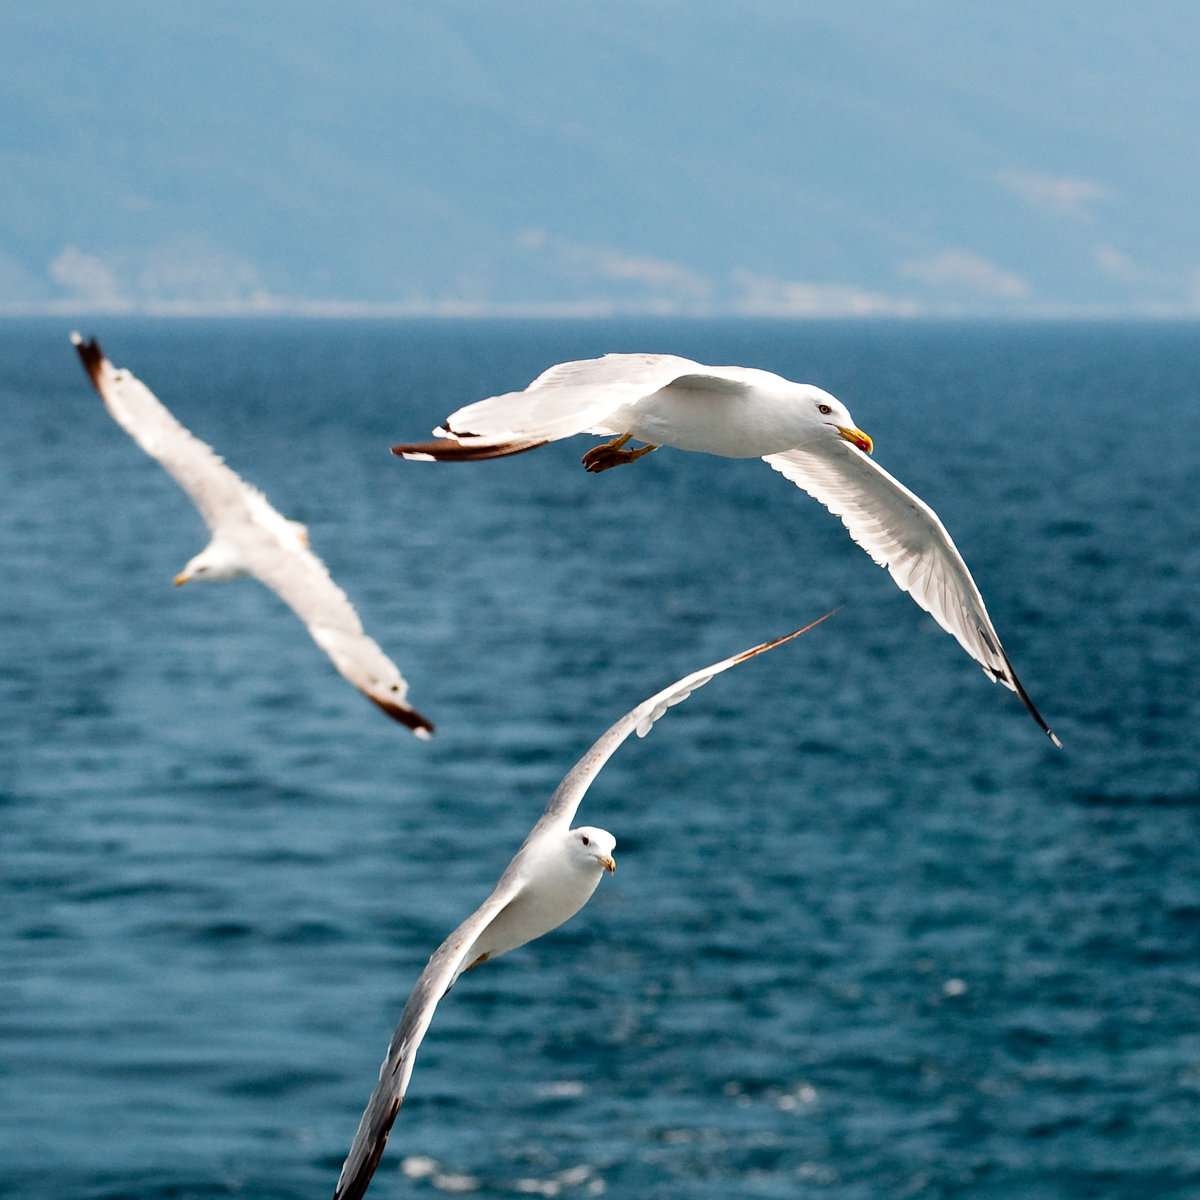 привлекает фото морских чаек в полете красочные, милые забавные